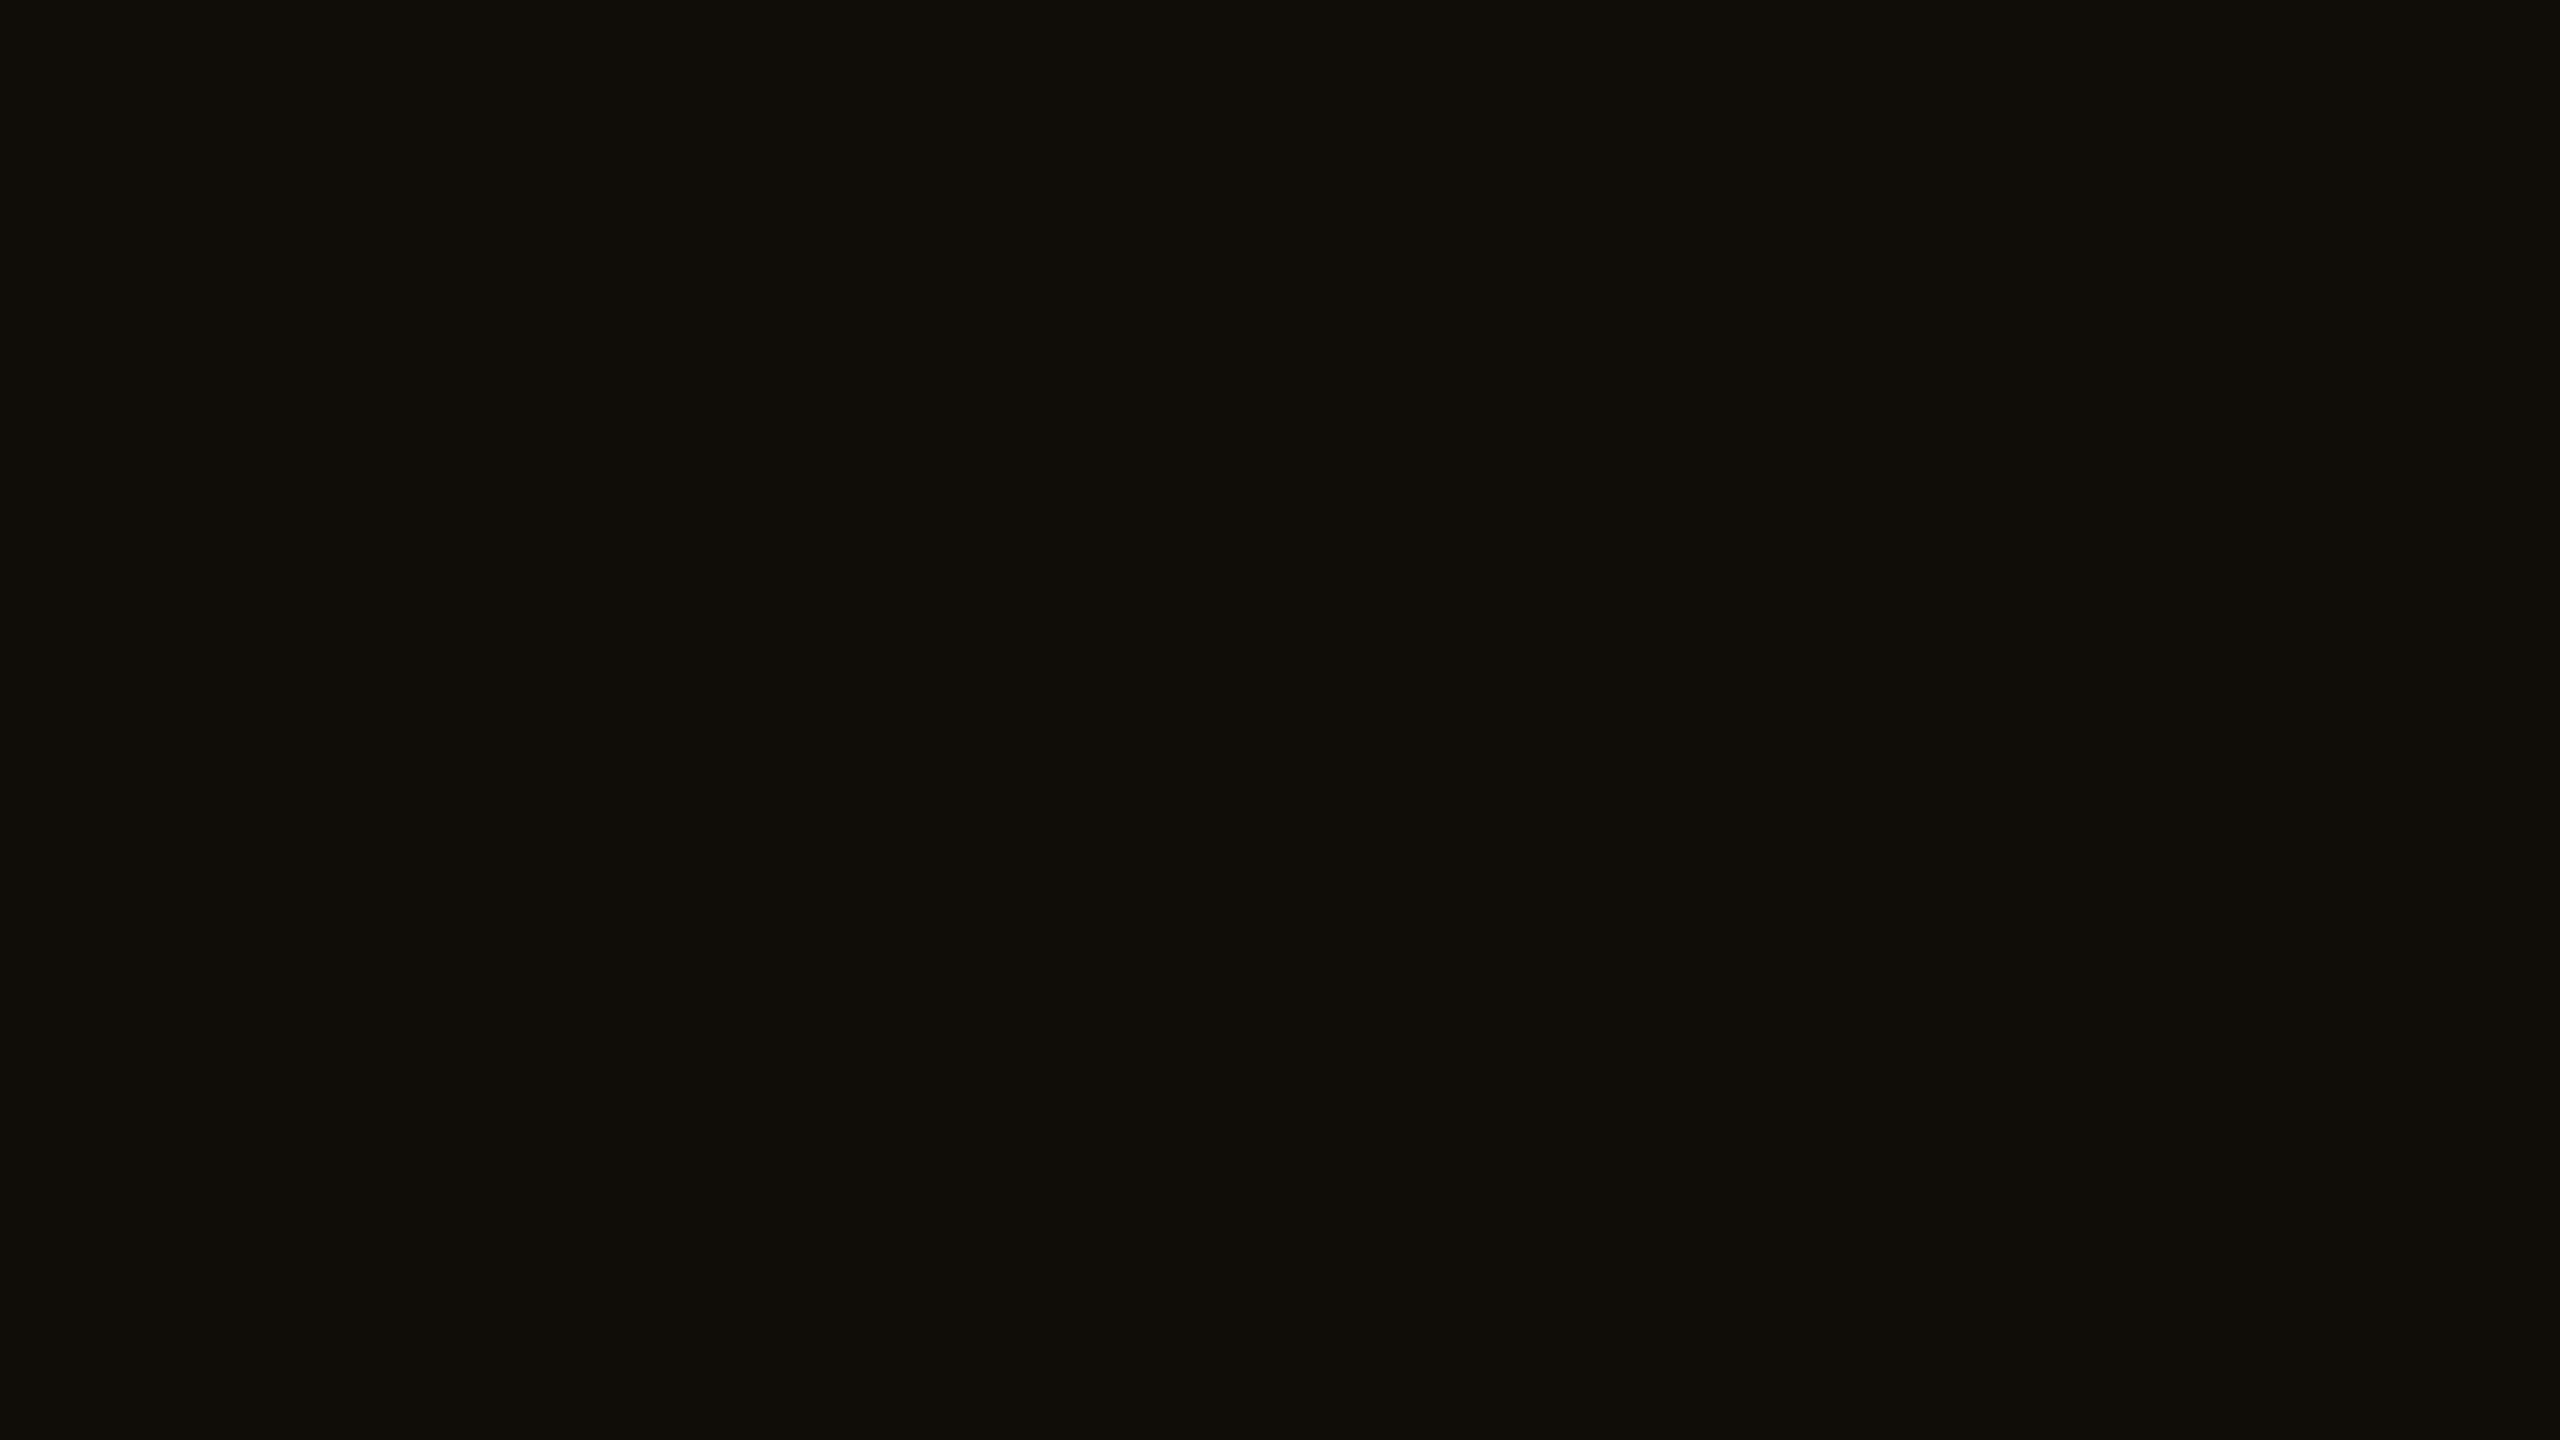 2560x1440 smoky black solid color background. Black Bedroom Furniture Sets. Home Design Ideas